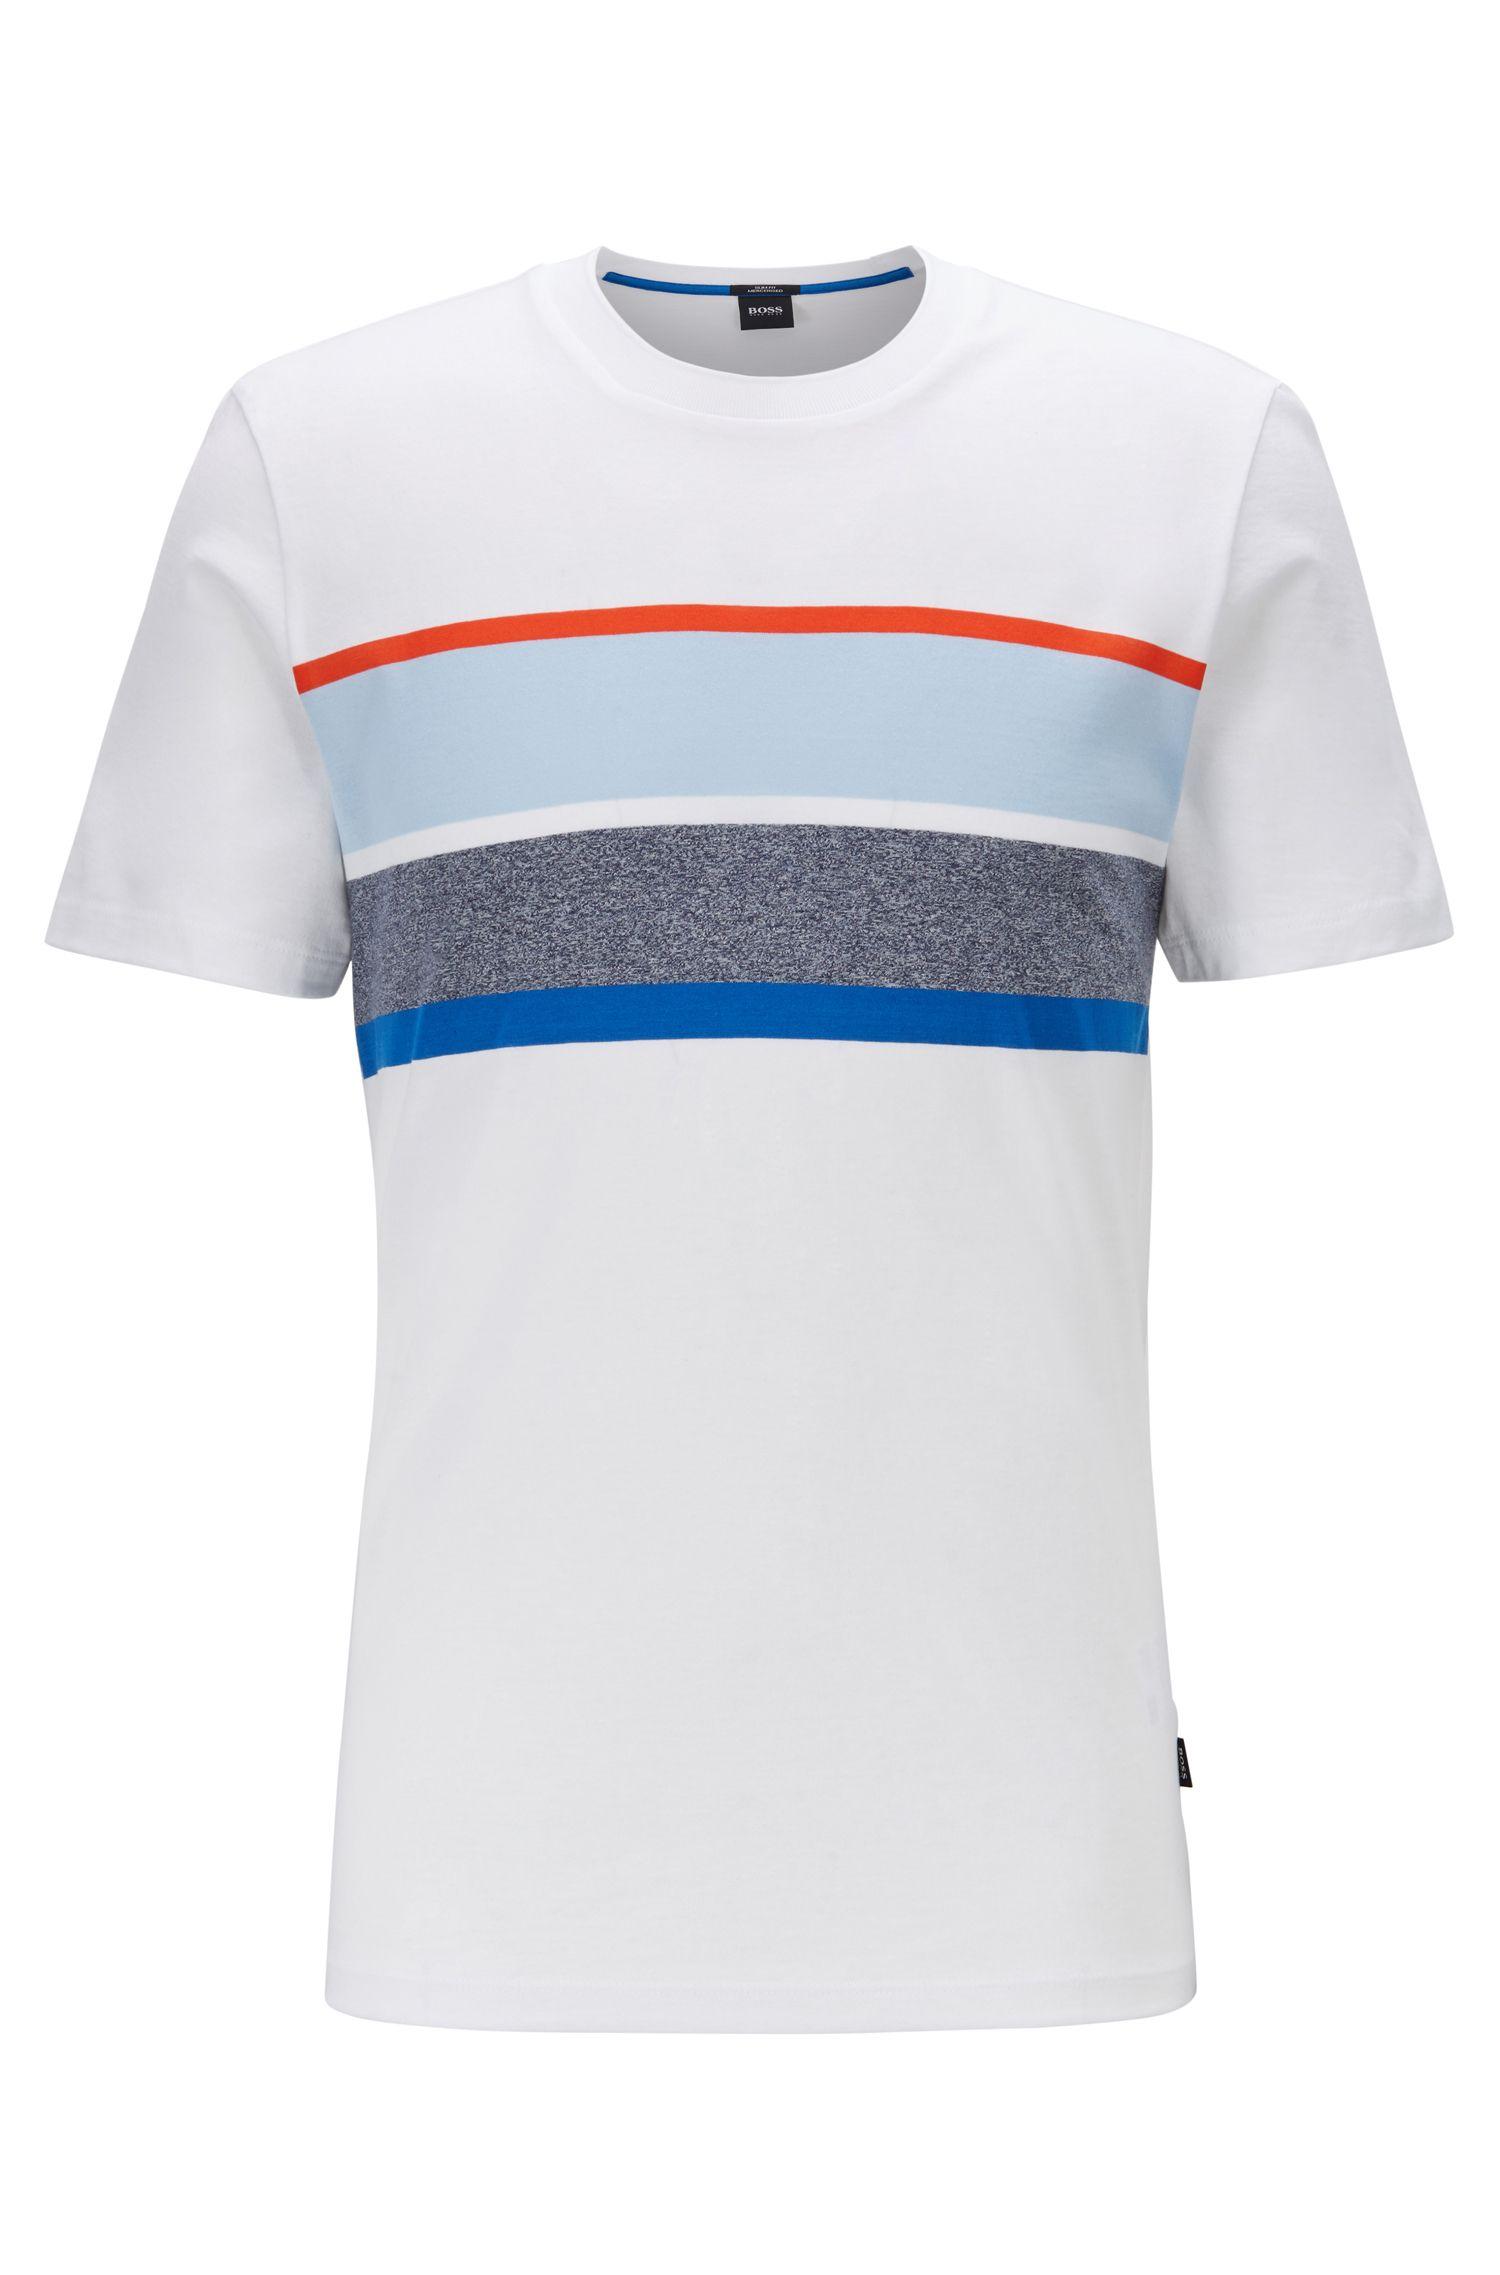 T-Shirt aus Baumwoll-Mix mit gestreiftem Einsatz auf der Brust, Weiß